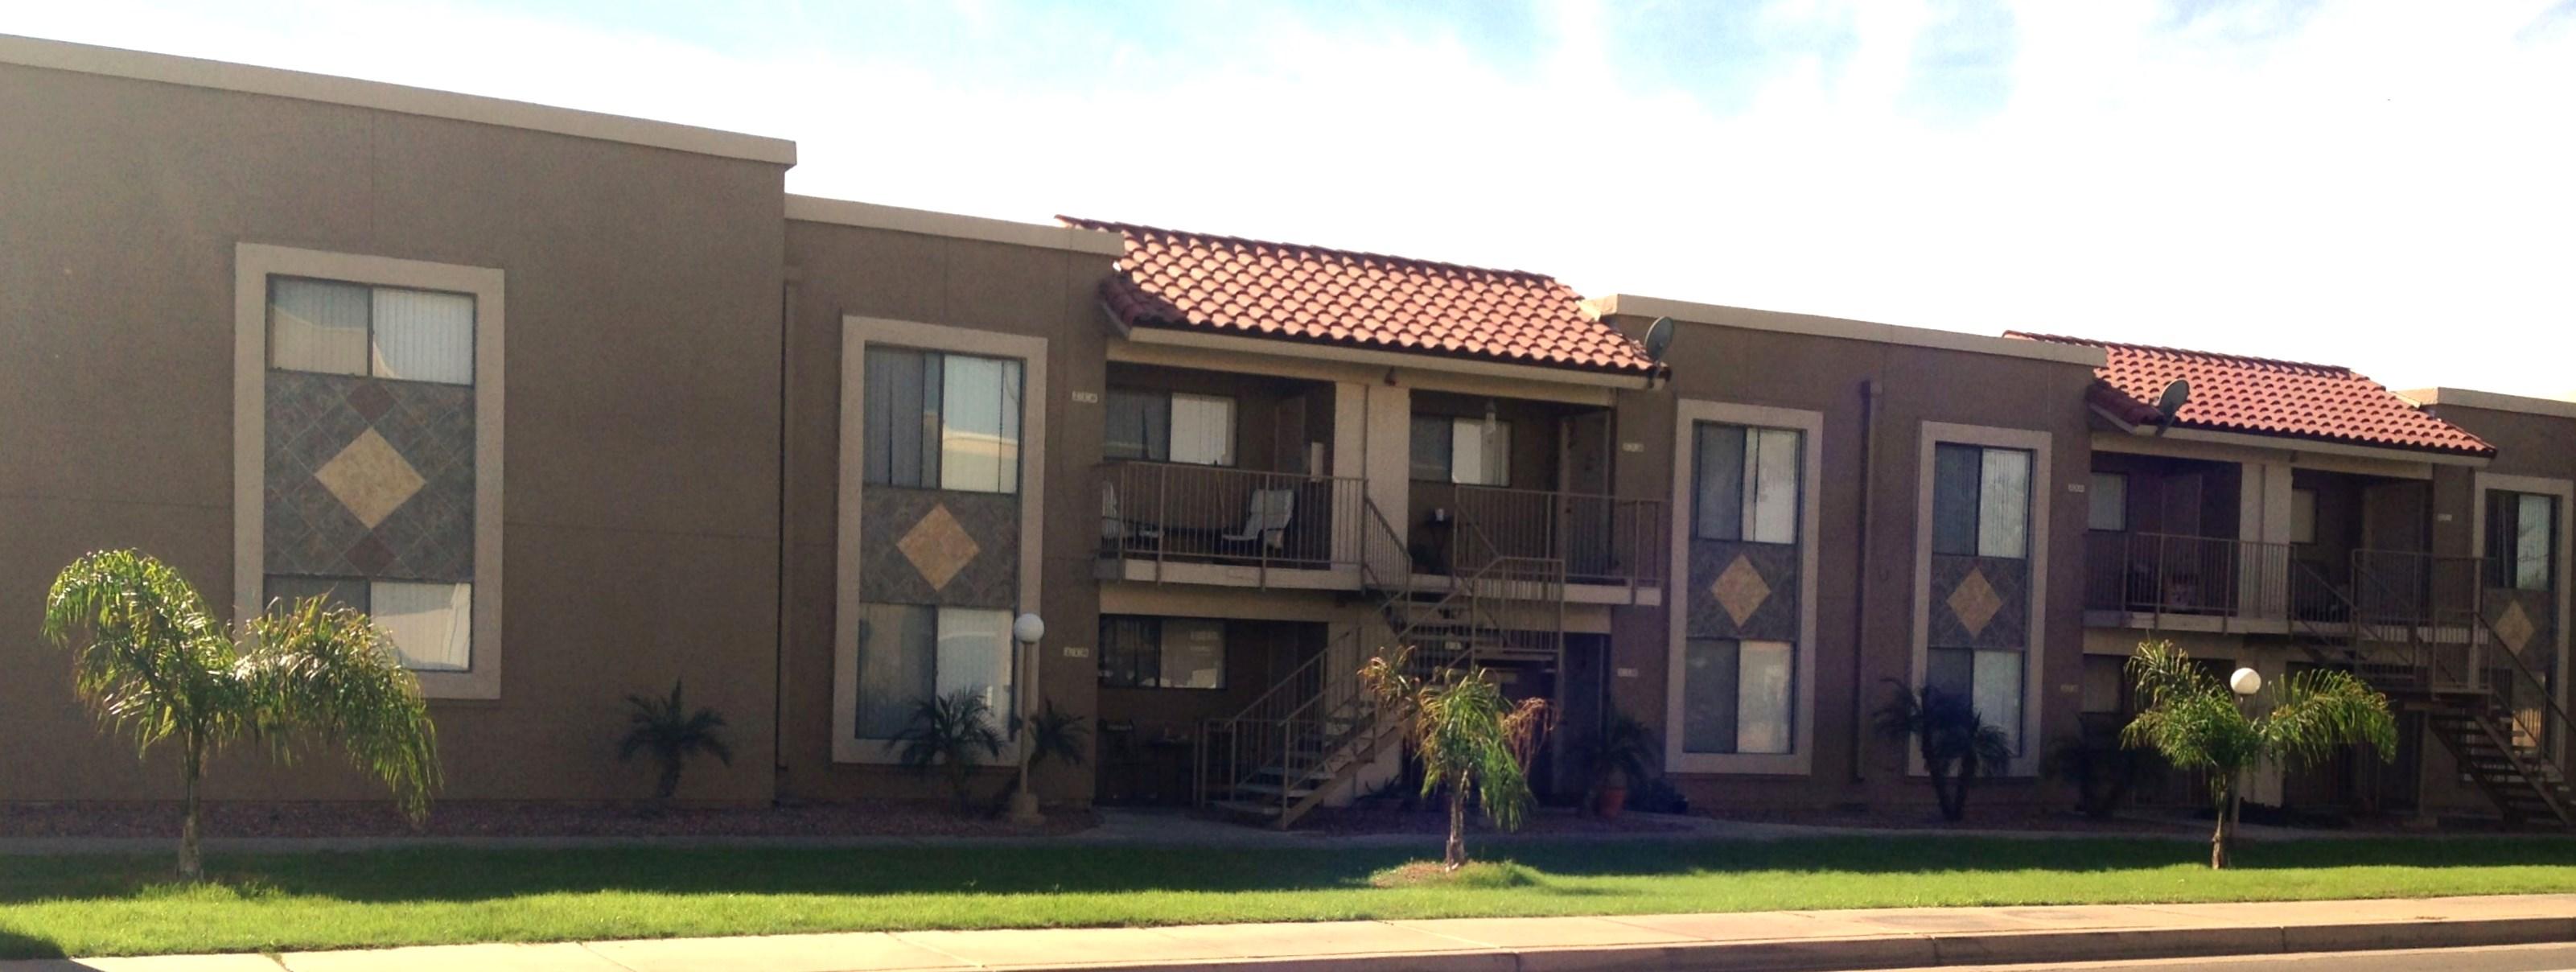 Photos Willowbrook Apartments Tempe